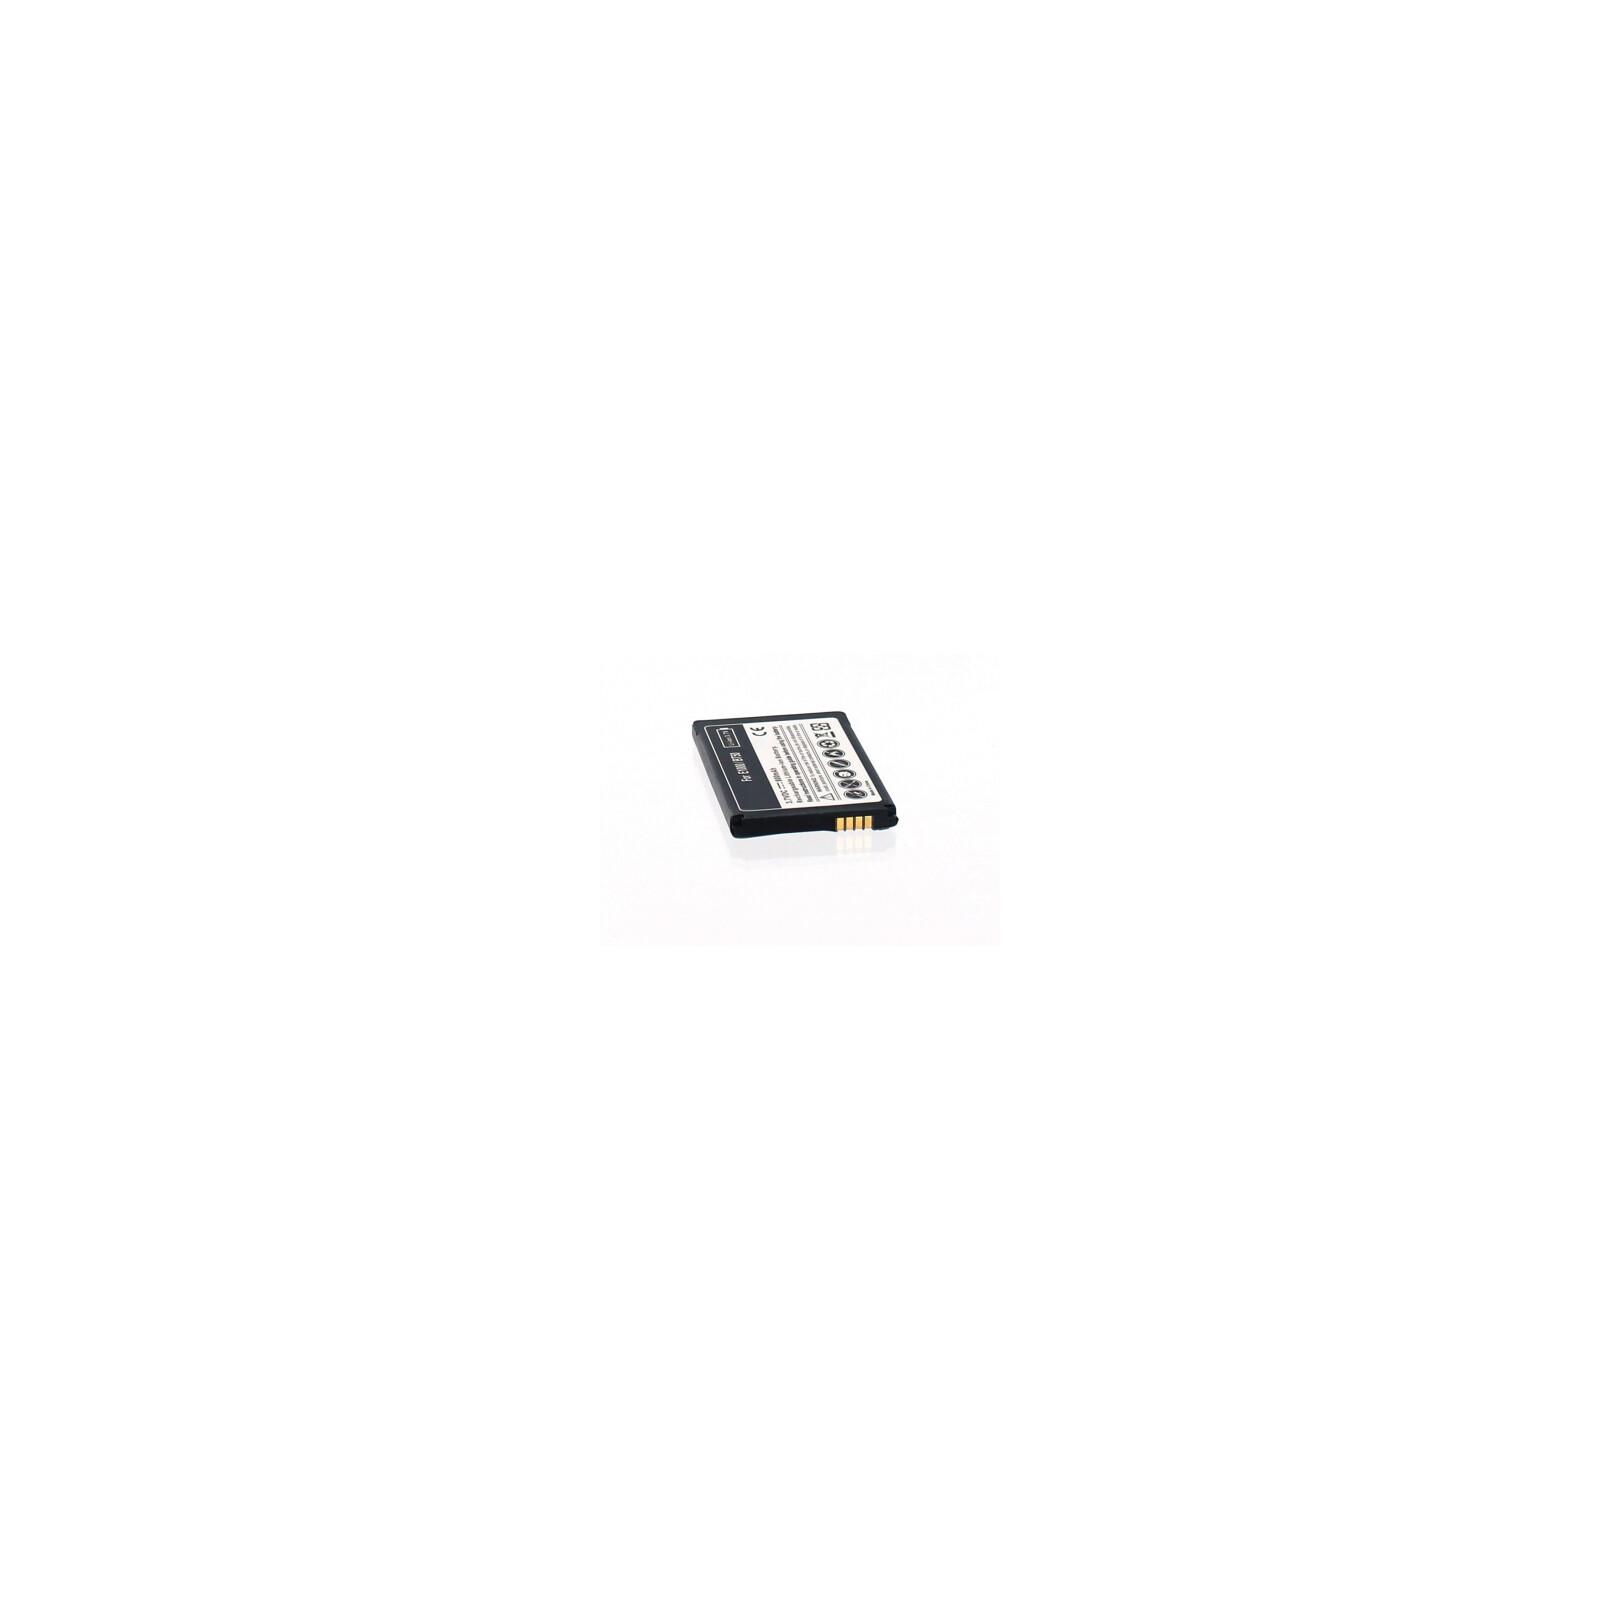 AGI Akku Motorola W377 700mAh